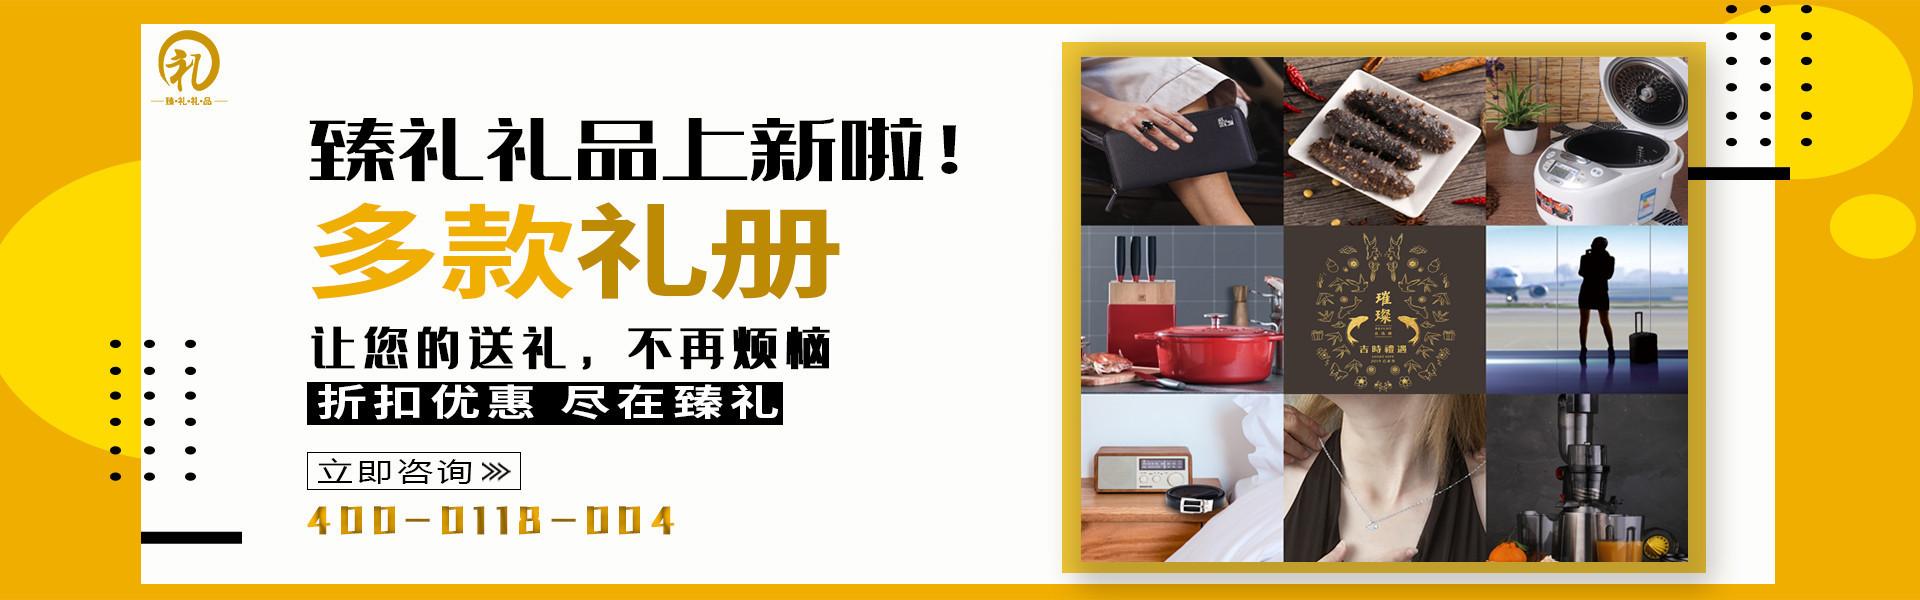 臻礼收米直播官网网页中秋特推2